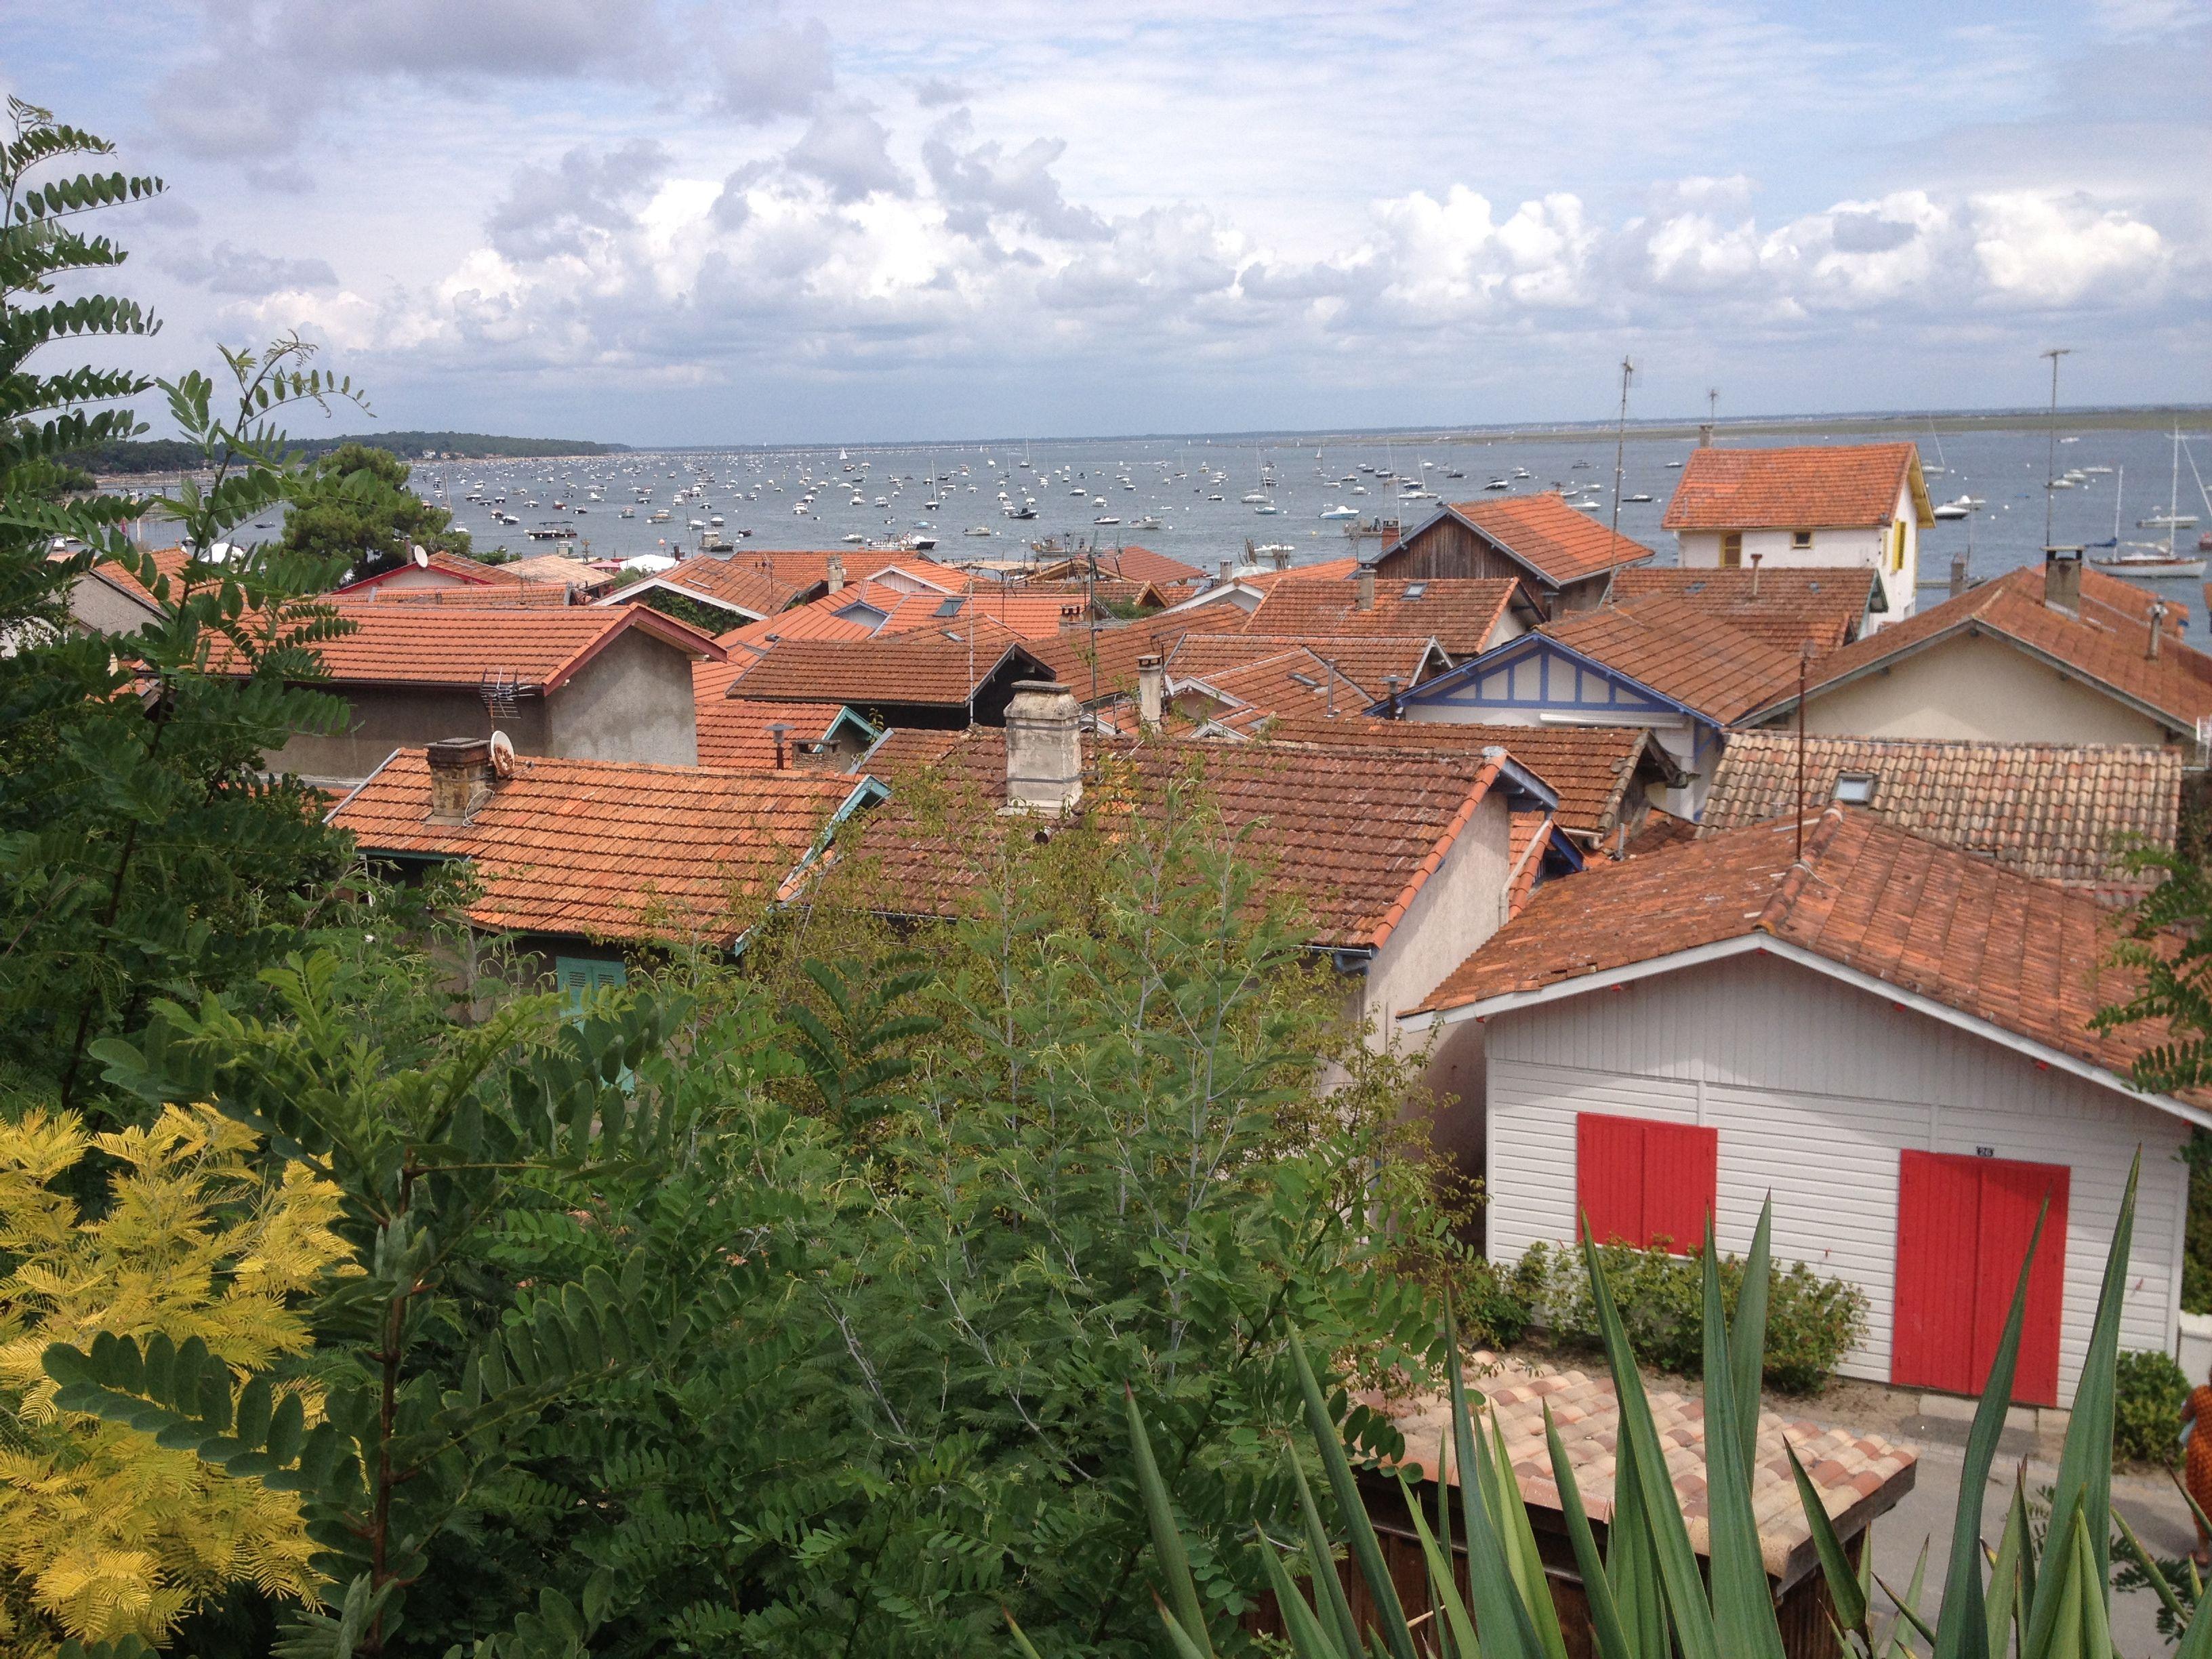 Baai van Arcachon-L'Herbe. Schilderachtige huisjes, smalle paadjes...Hoogtepunt